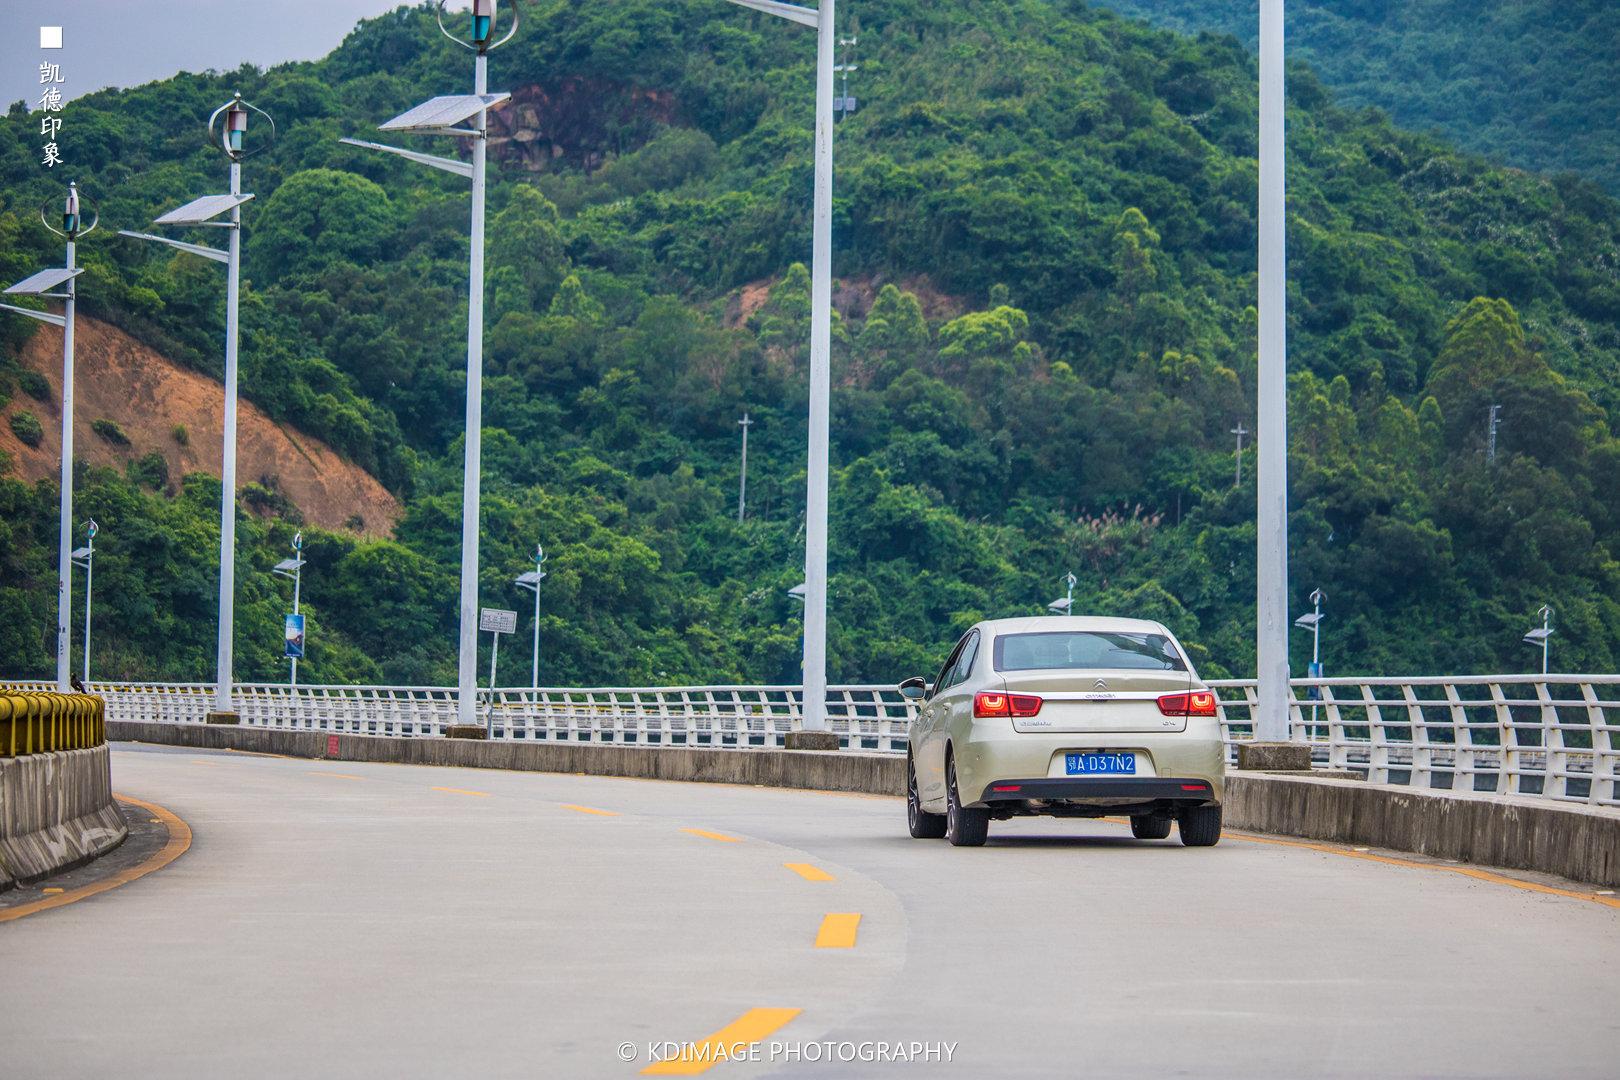 广州旅游攻略图片3